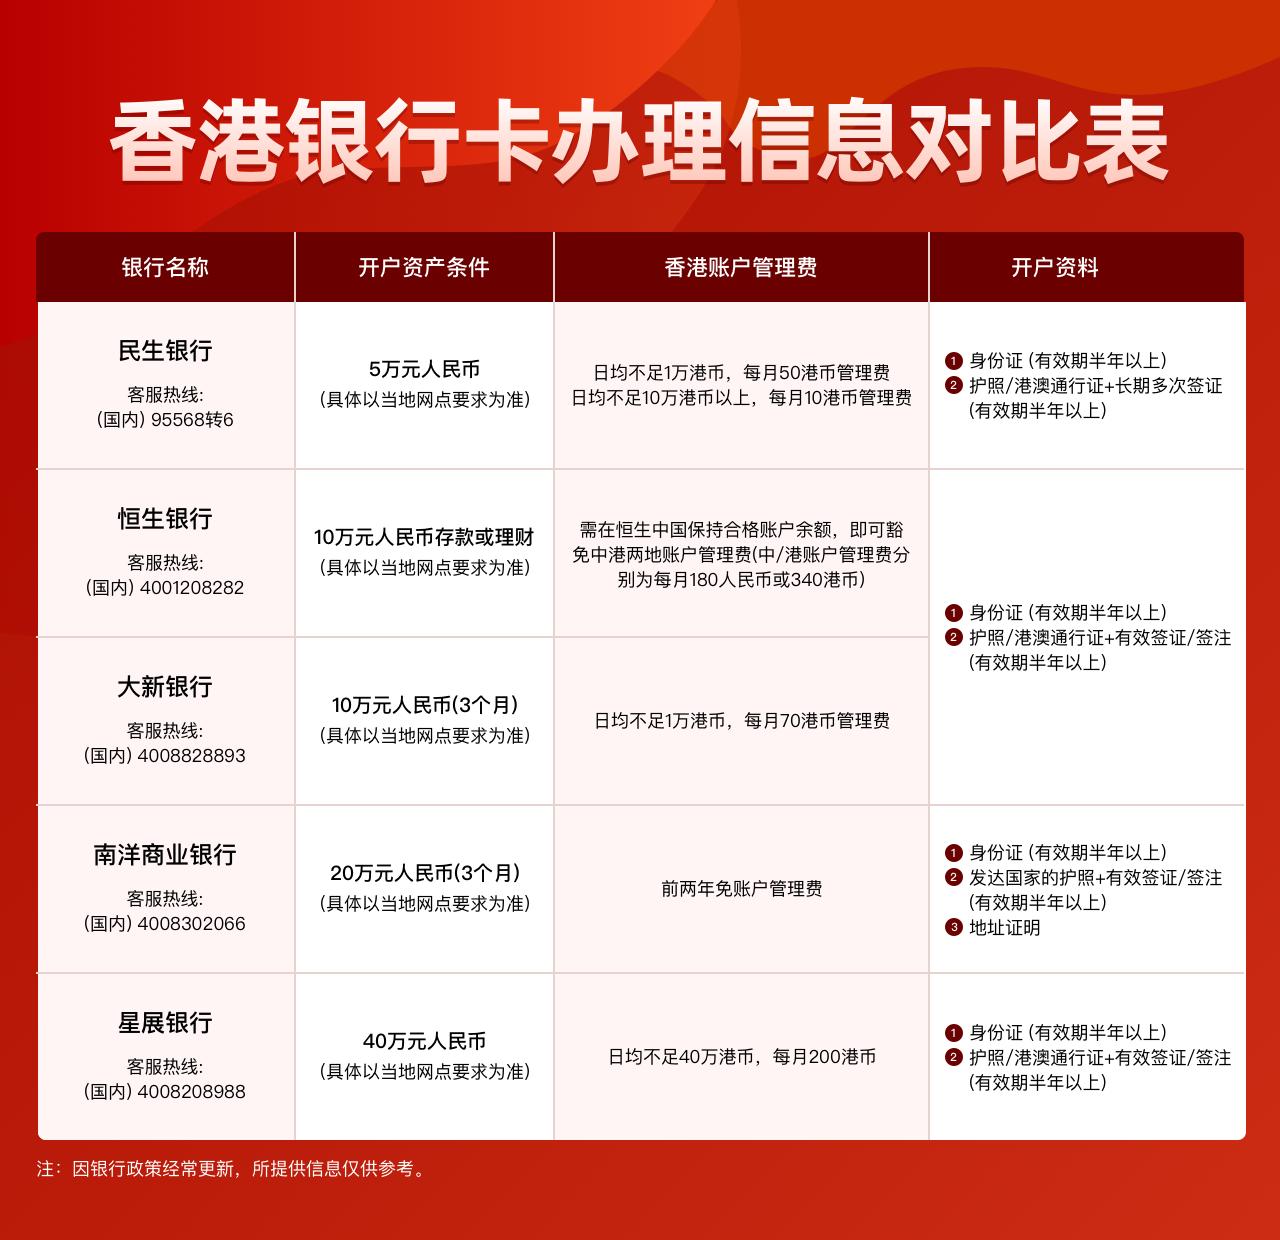 香港卡办理最强攻略-美股开户-港股开户-港股打新-美股教程